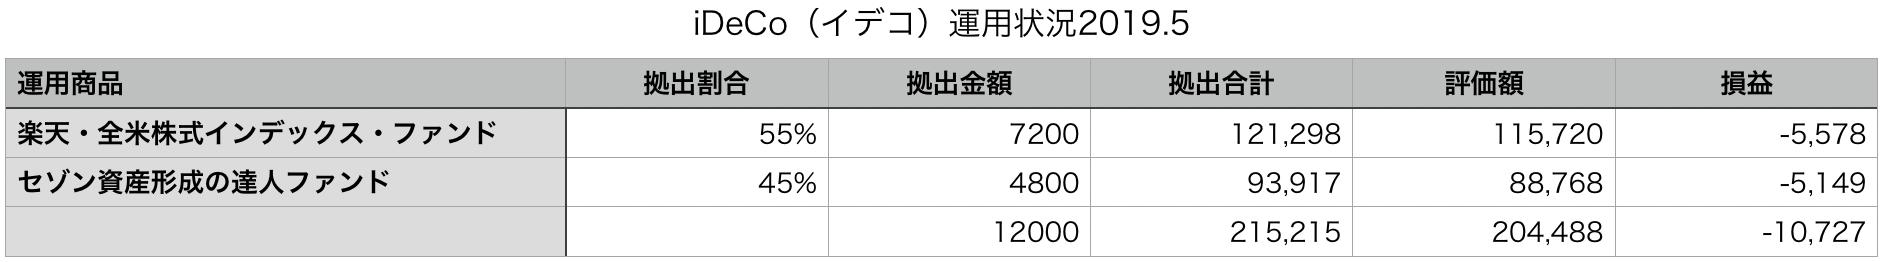 イデコ運用状況2019.5